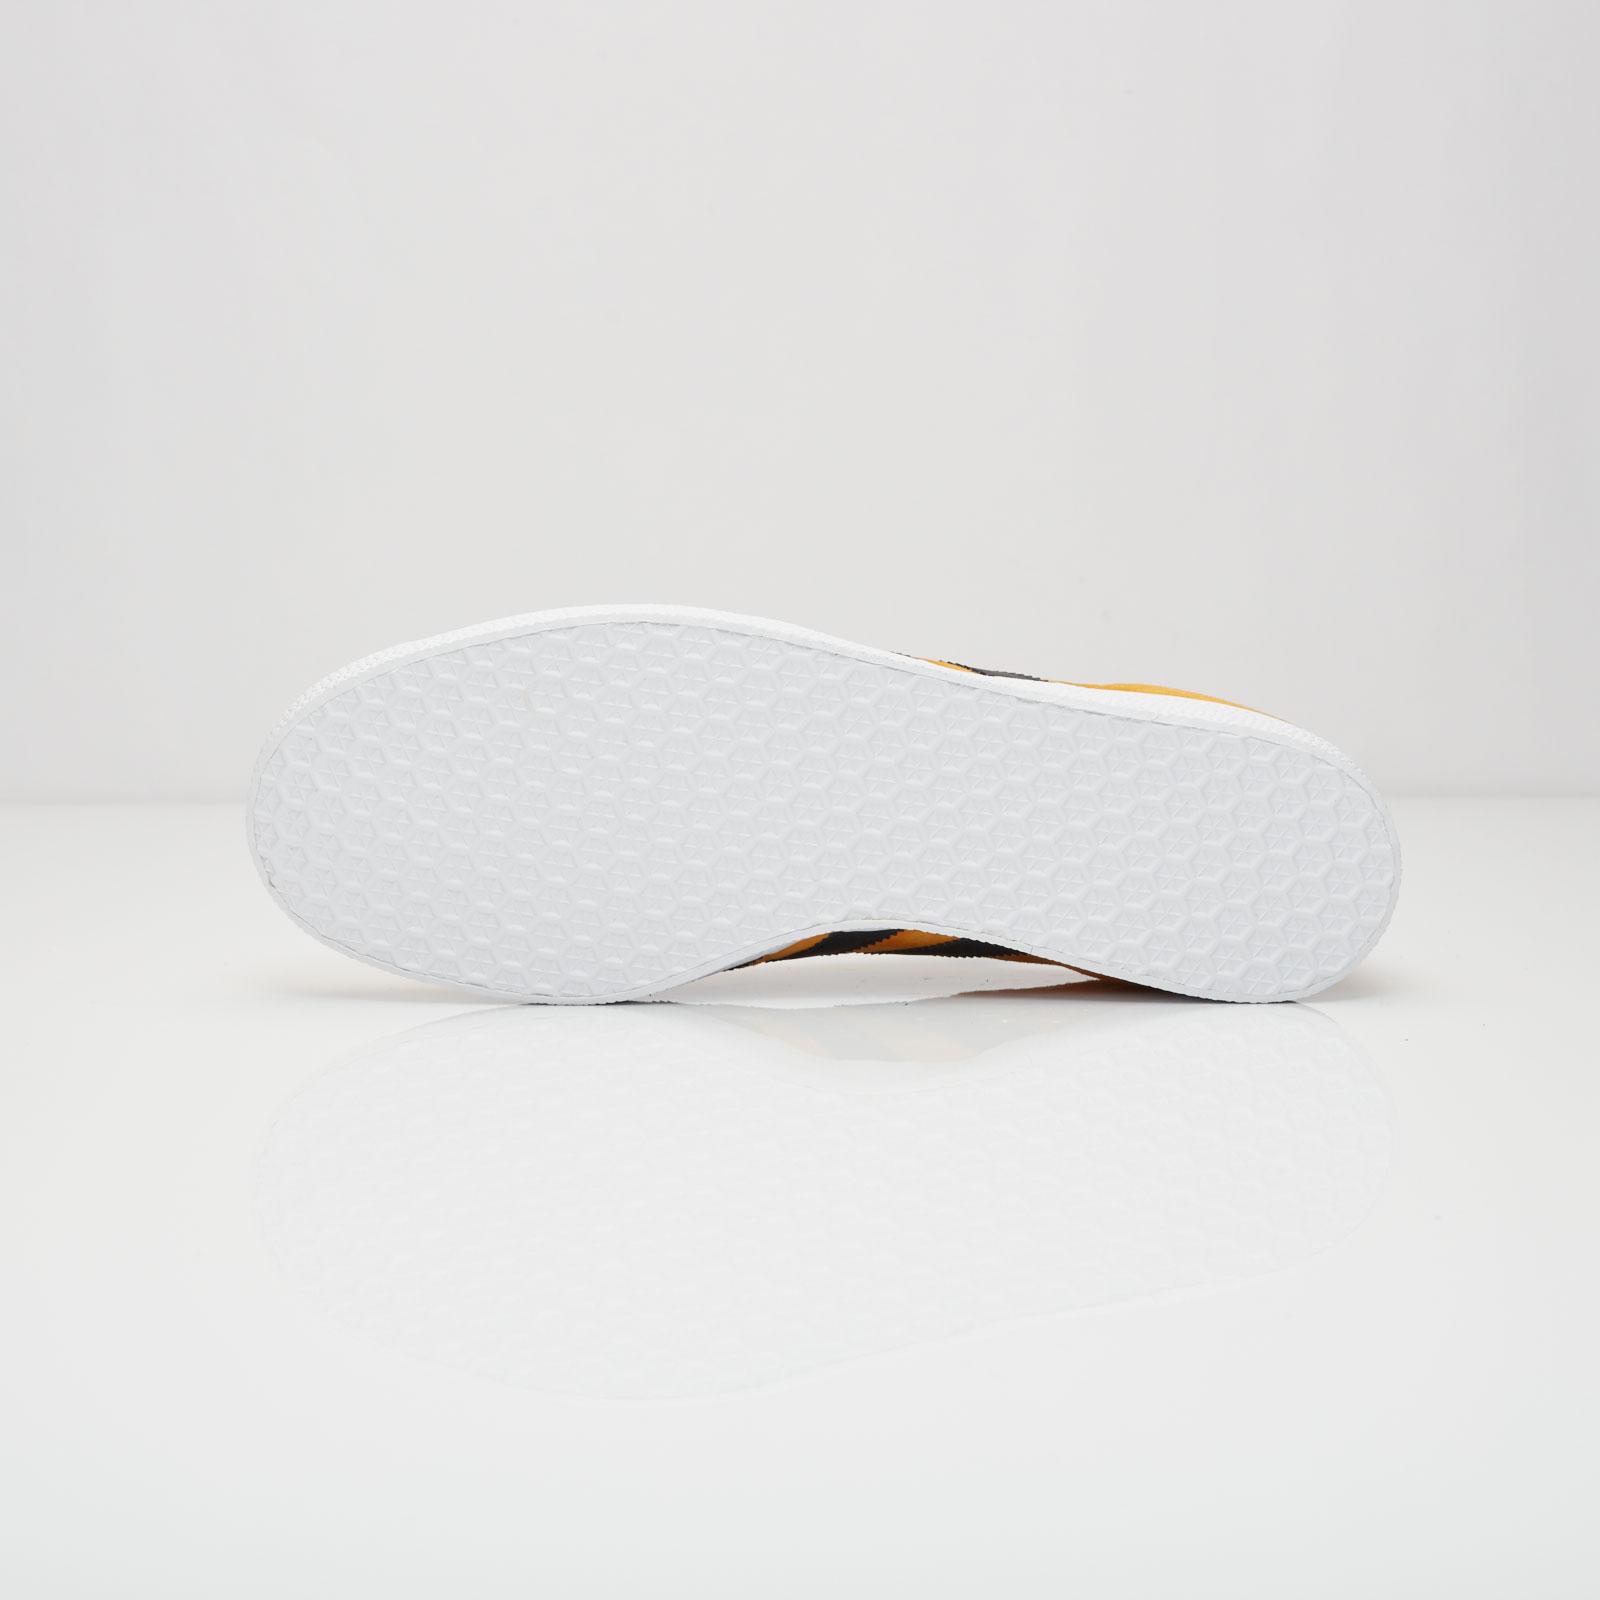 sale retailer 8a272 5ea28 adidas Gazelle adidas Gazelle adidas Gazelle adidas Gazelle ...